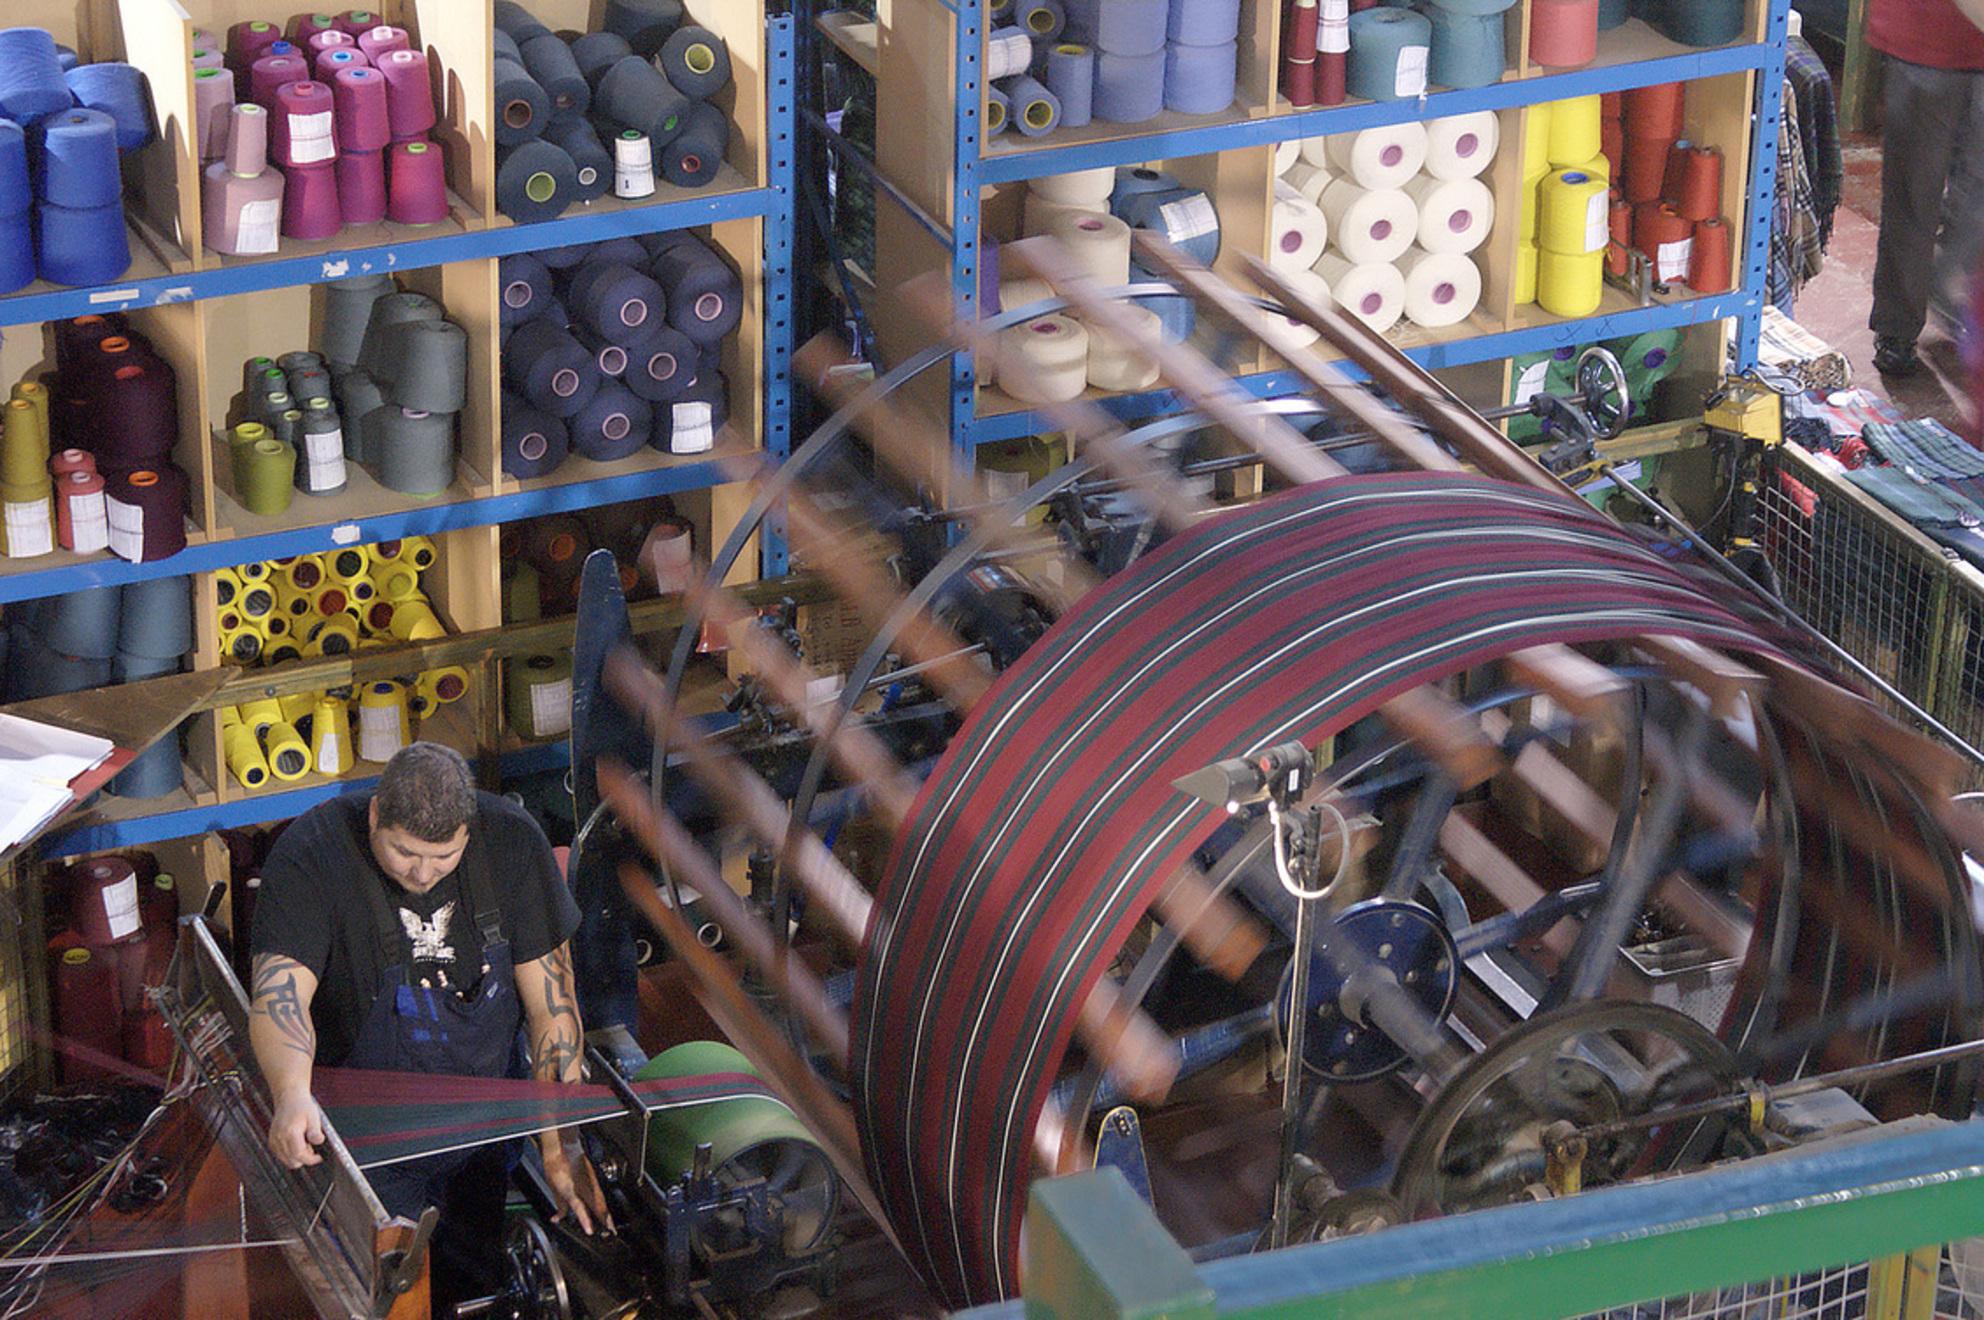 Weverij van Schotse patronen - Weverij waar stof wordt vervaardigd in Schotse patronen. Onder meer voor kilts. - foto door vugtvak op 18-02-2021 - deze foto bevat: reizen, cultuur, reisfotografie, europa